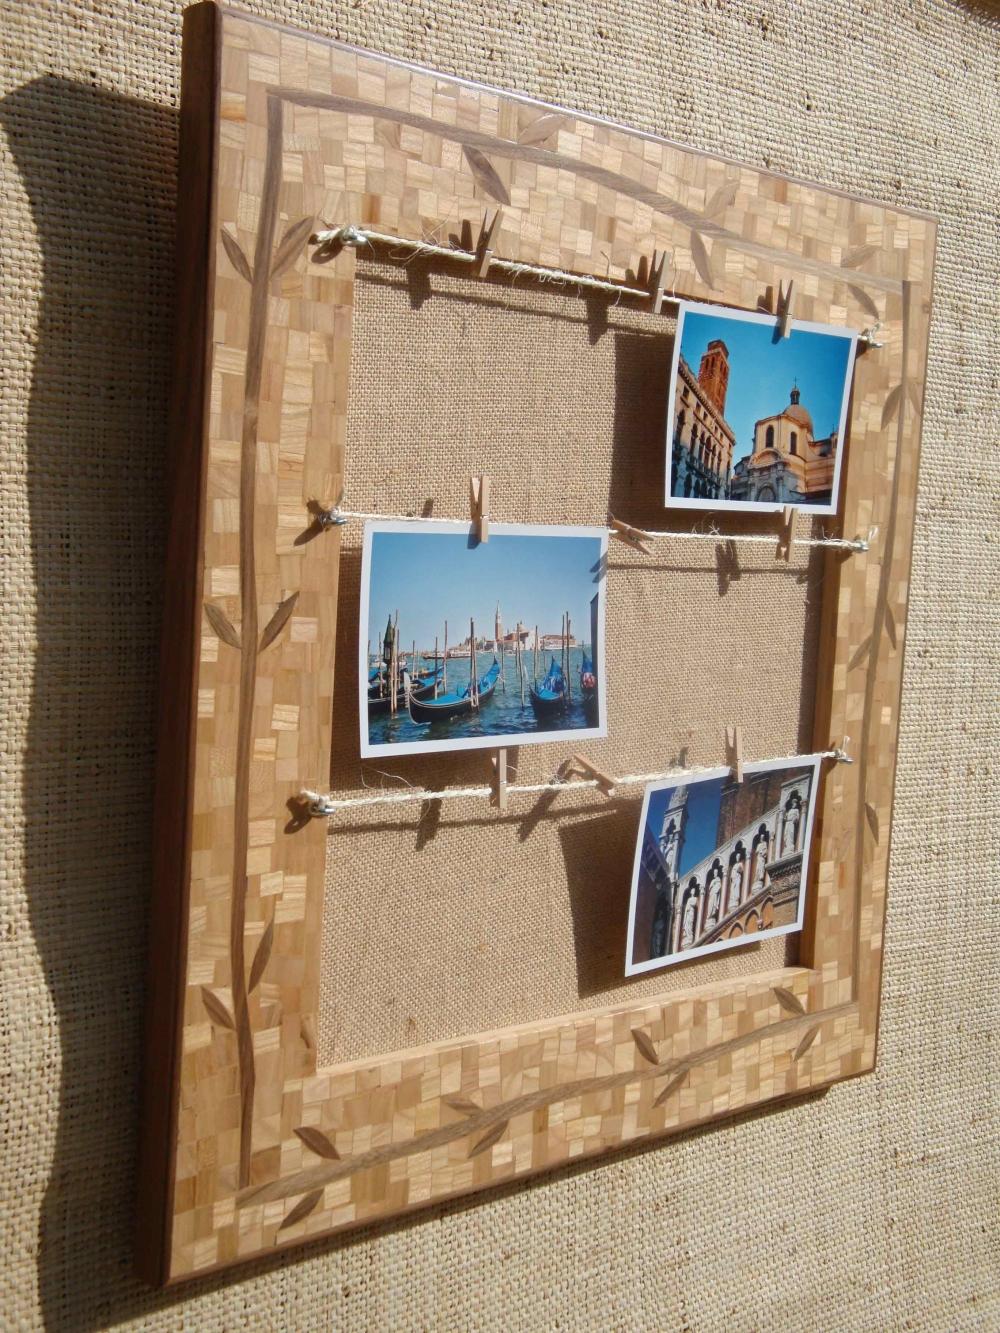 cadre p le m le photos atelier mozambique. Black Bedroom Furniture Sets. Home Design Ideas